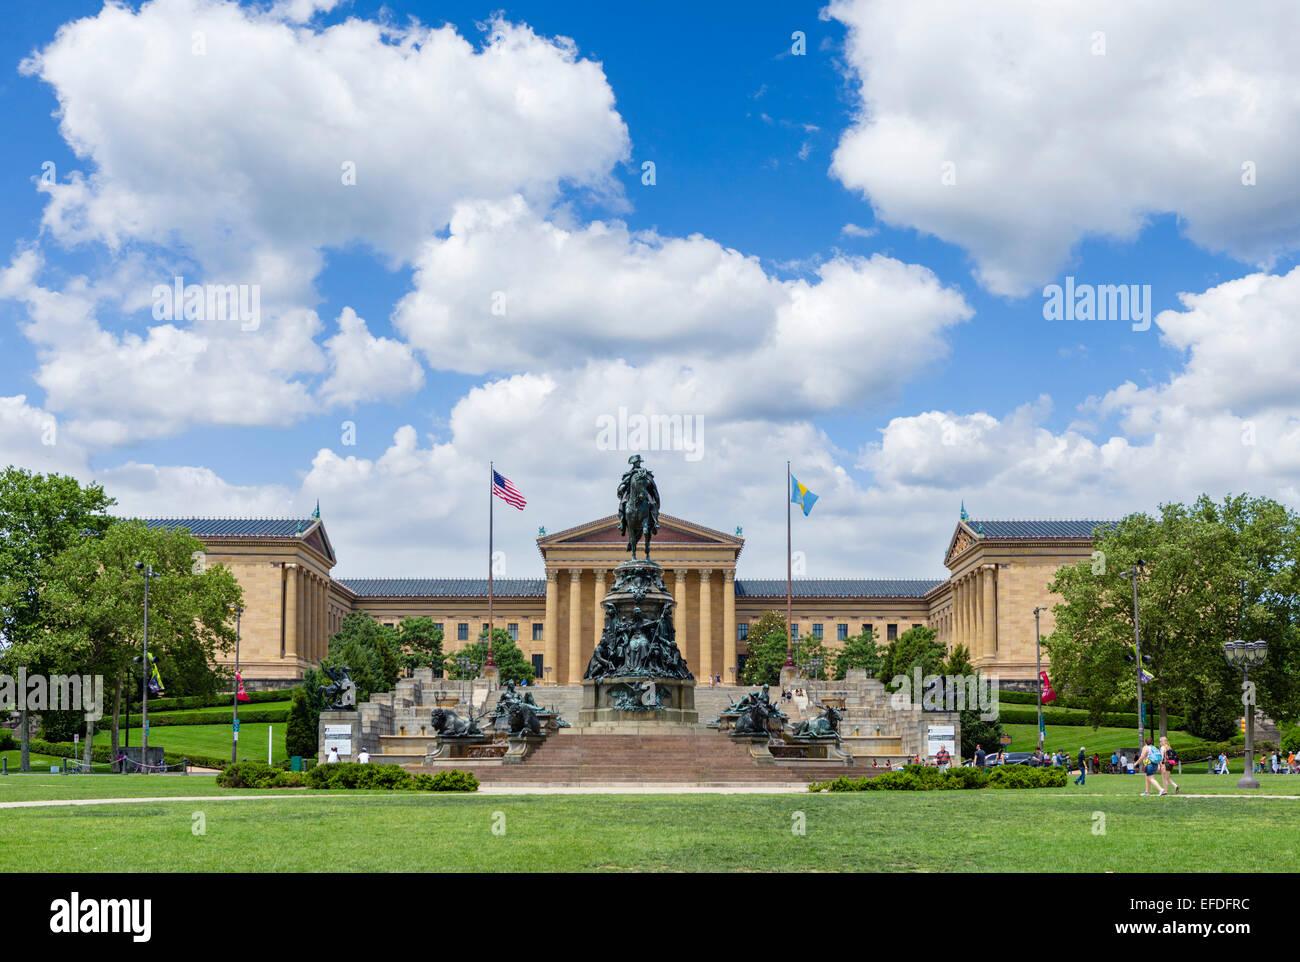 Hotels Near Eakins Oval Philadelphia Pa